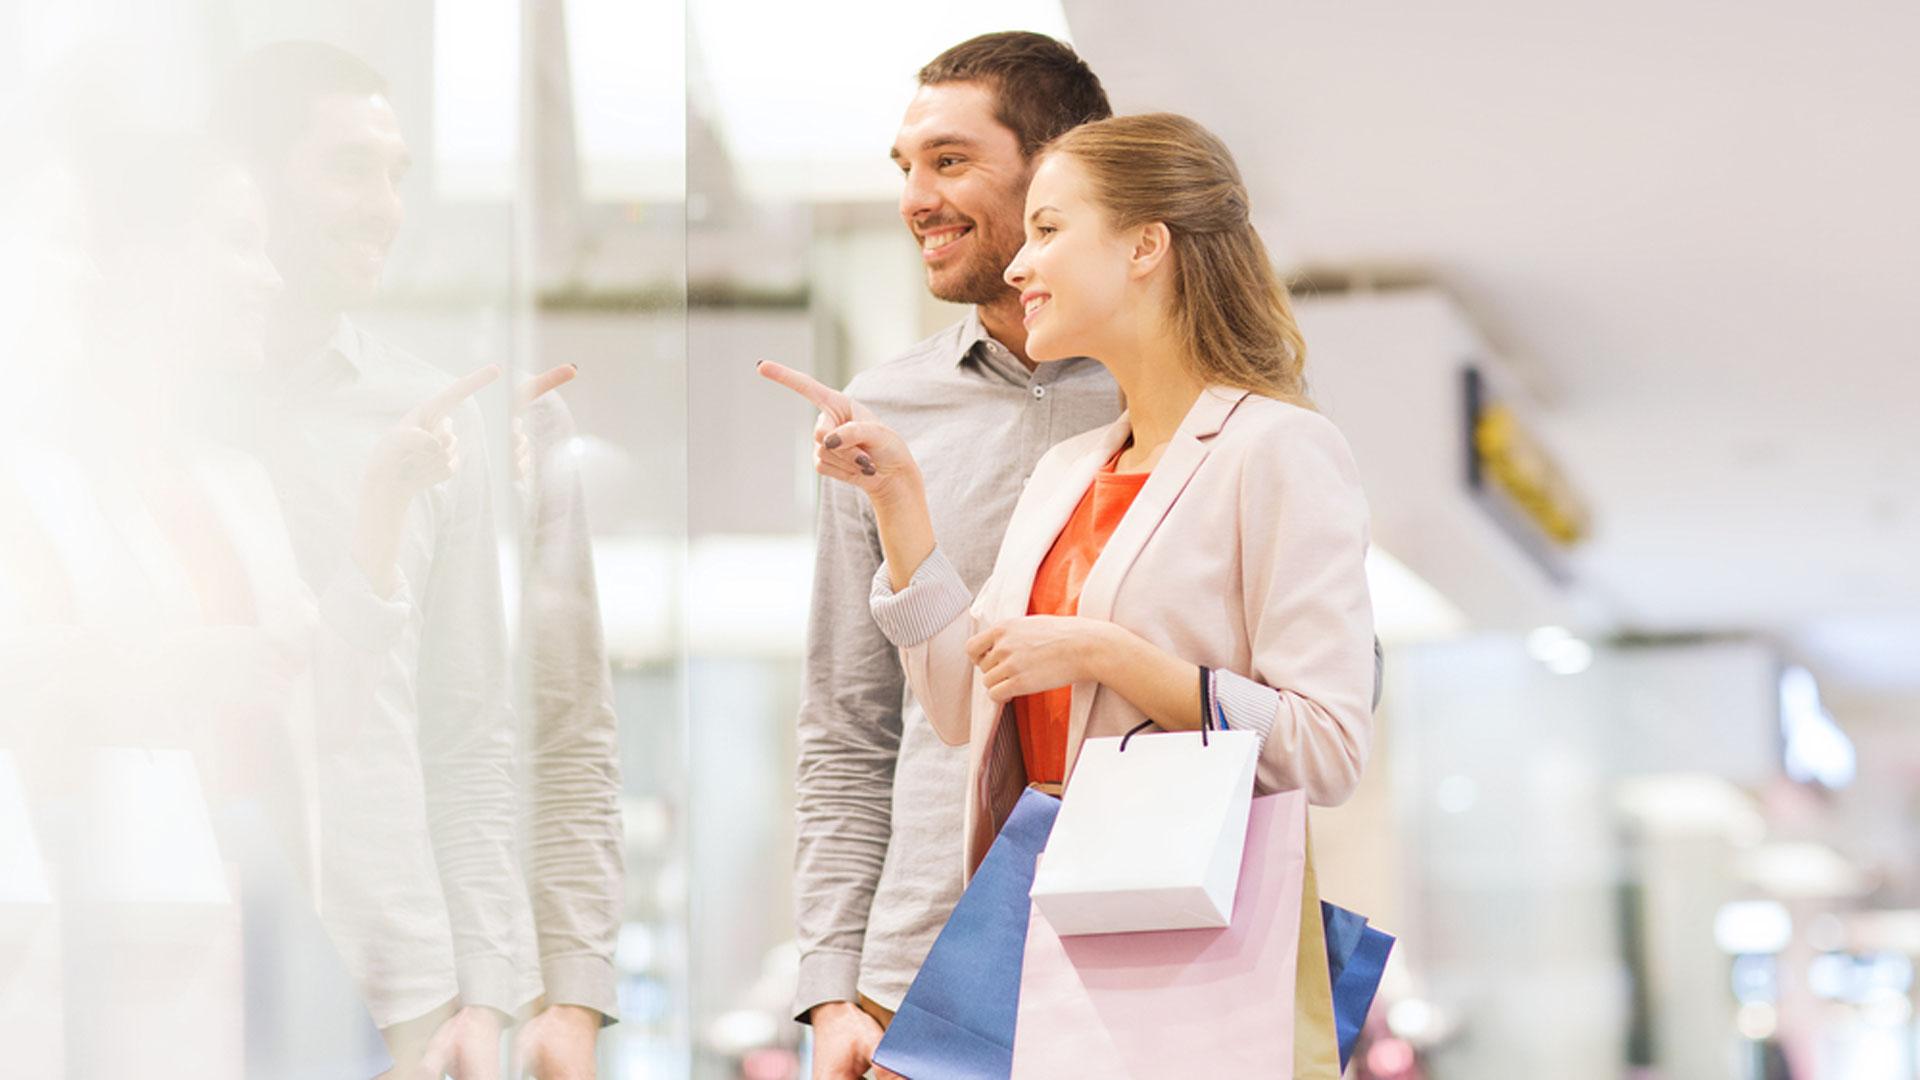 En los shoppings y comercios se registran la mayor cantidad de quejas de los consumidores (Shutterstock)